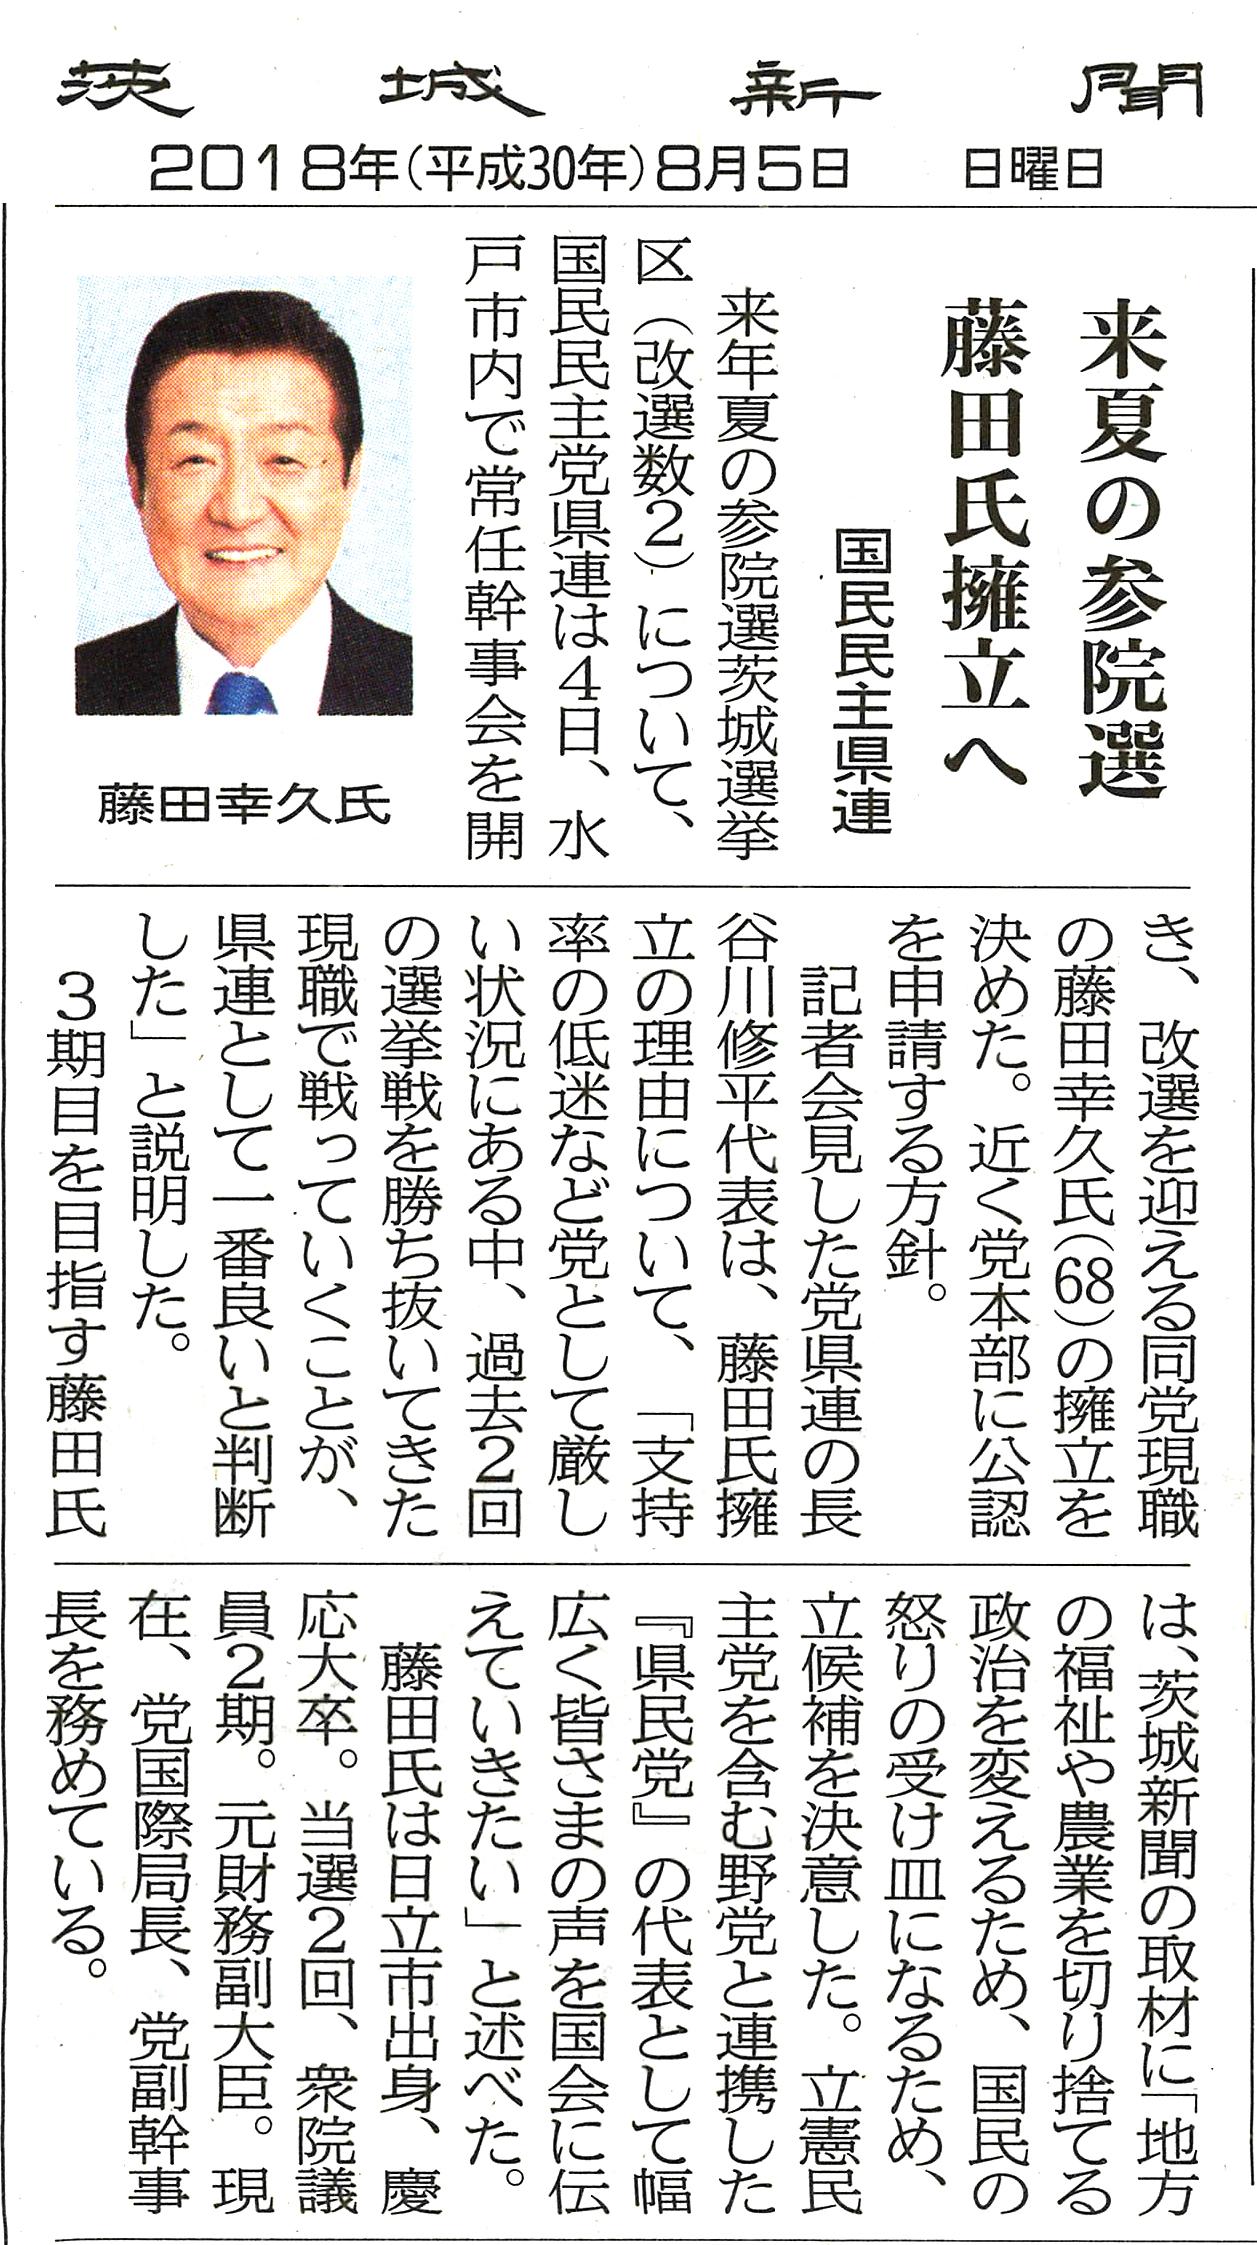 【茨城新聞】来夏の参院選 藤田氏擁立へ 国民民主県連